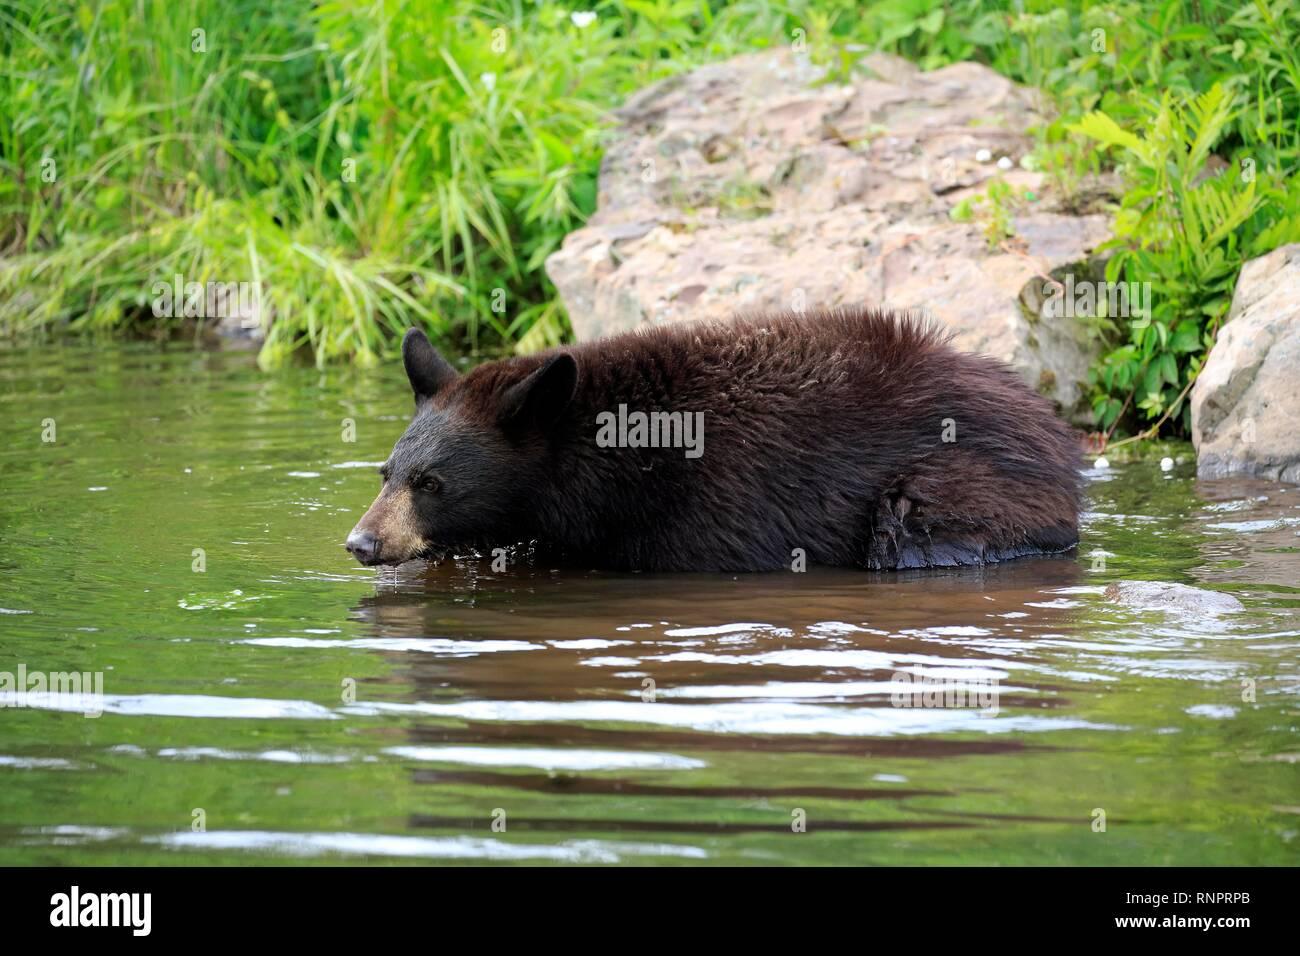 American Black Bear (Ursus americanus), giovane animale in acqua, pino County, Minnesota, Stati Uniti d'America Foto Stock